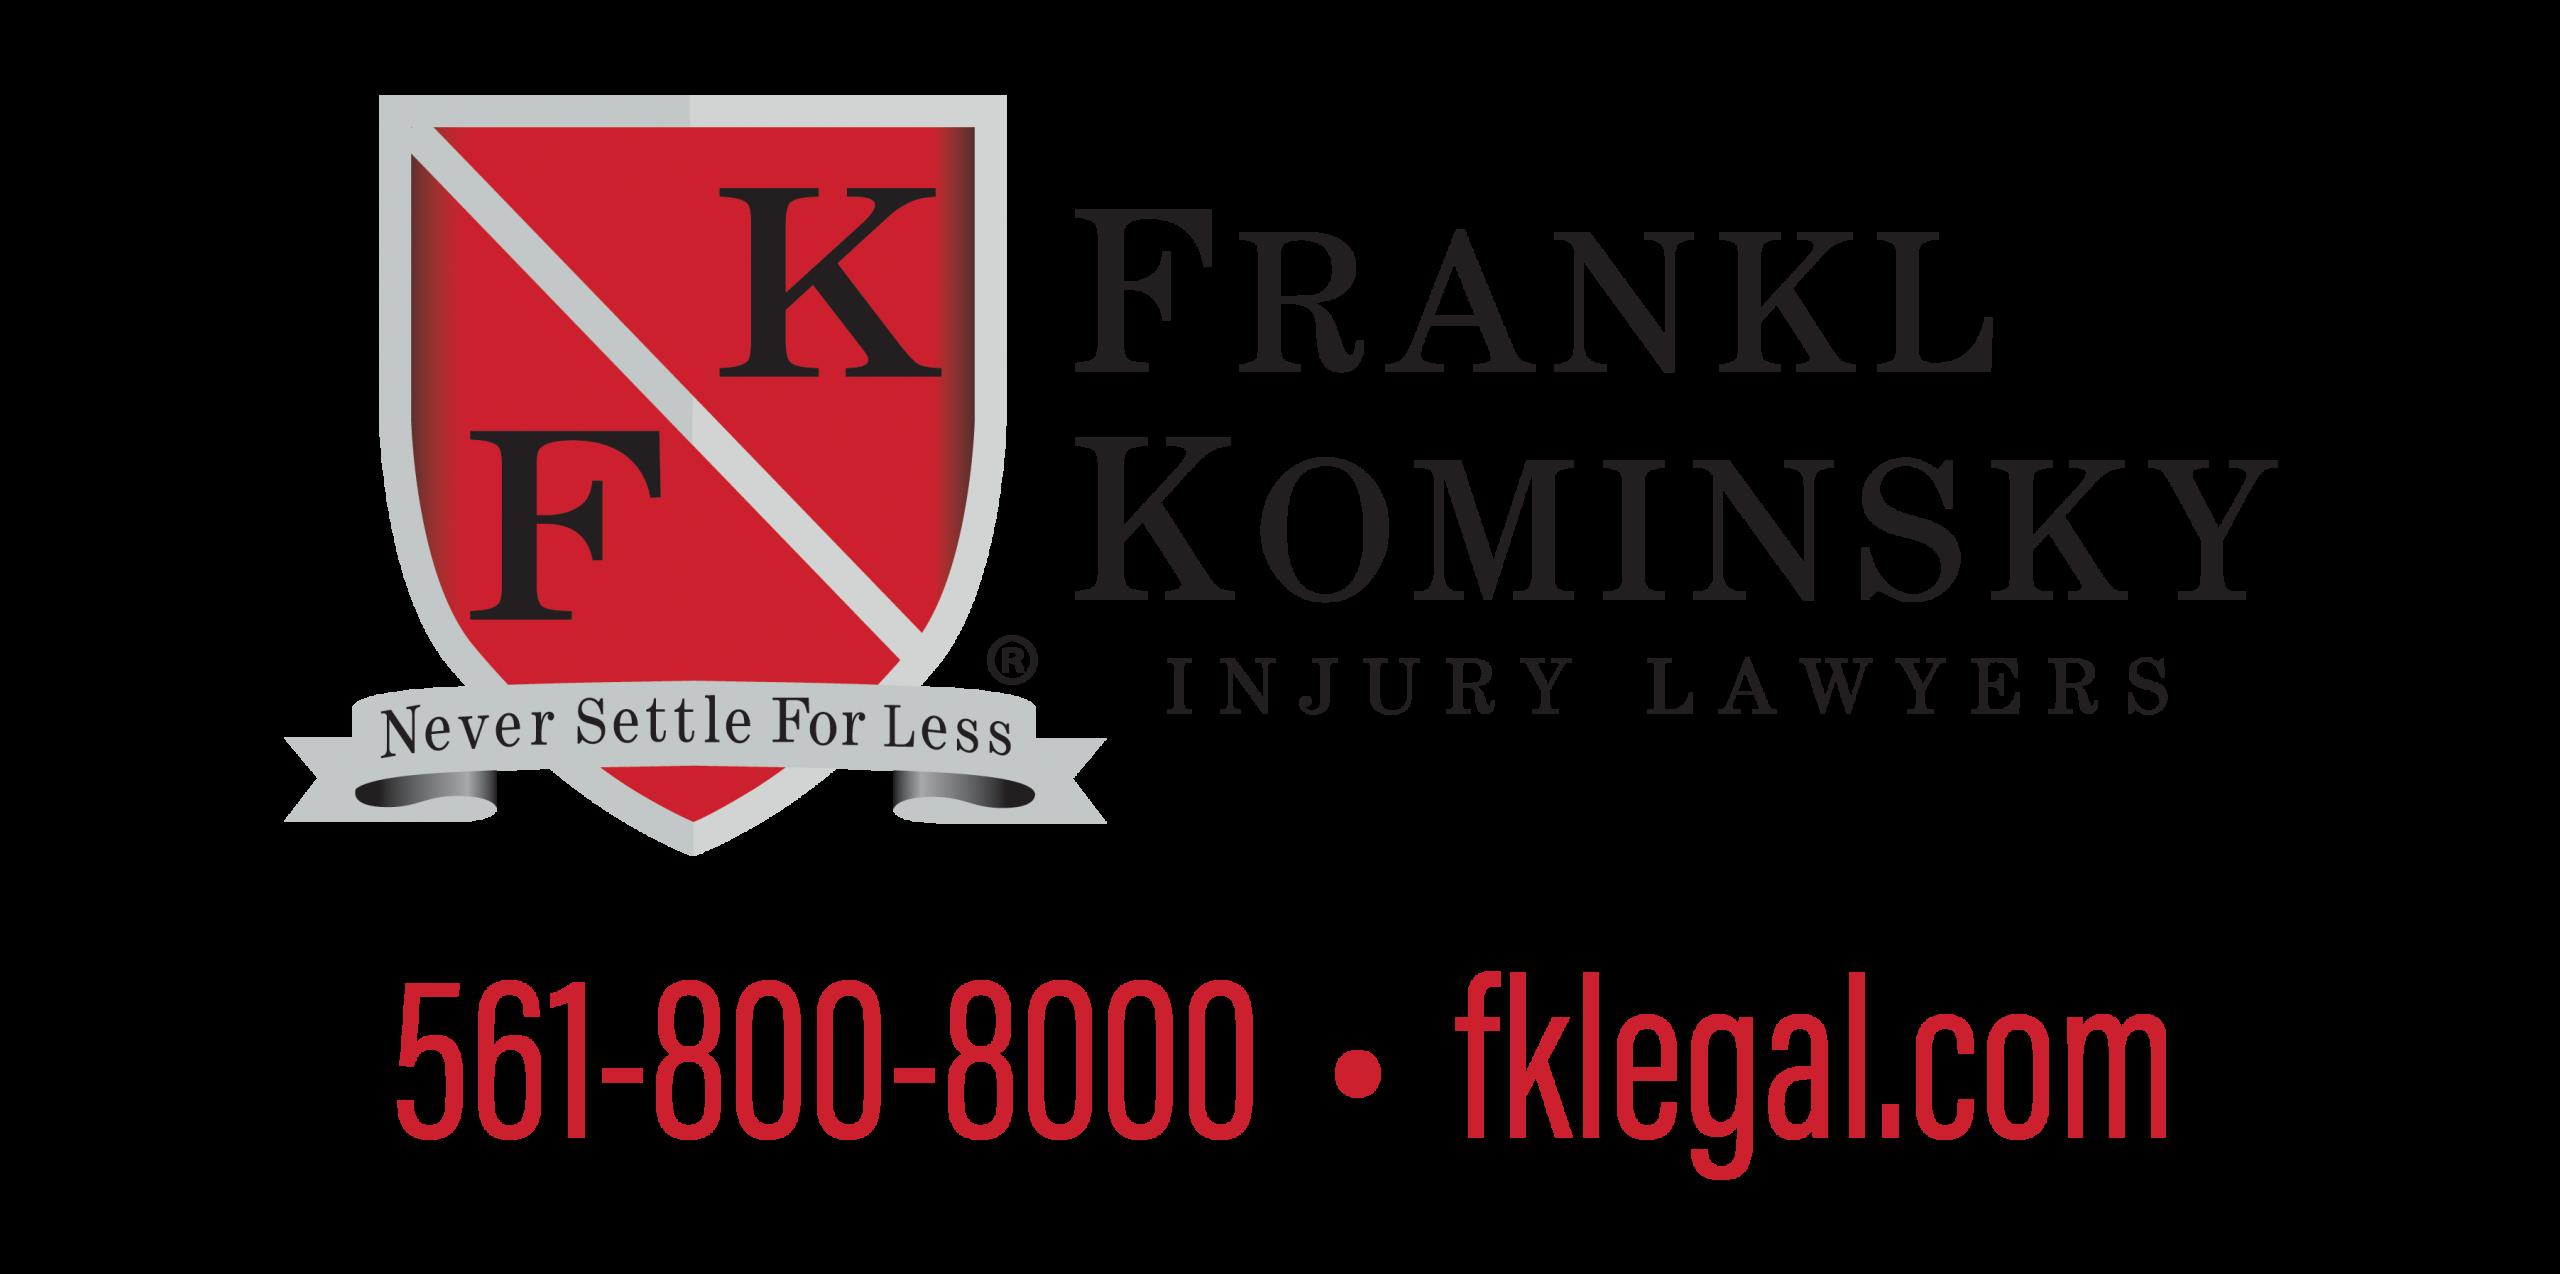 Frankl Kominsky Injury Lawyers